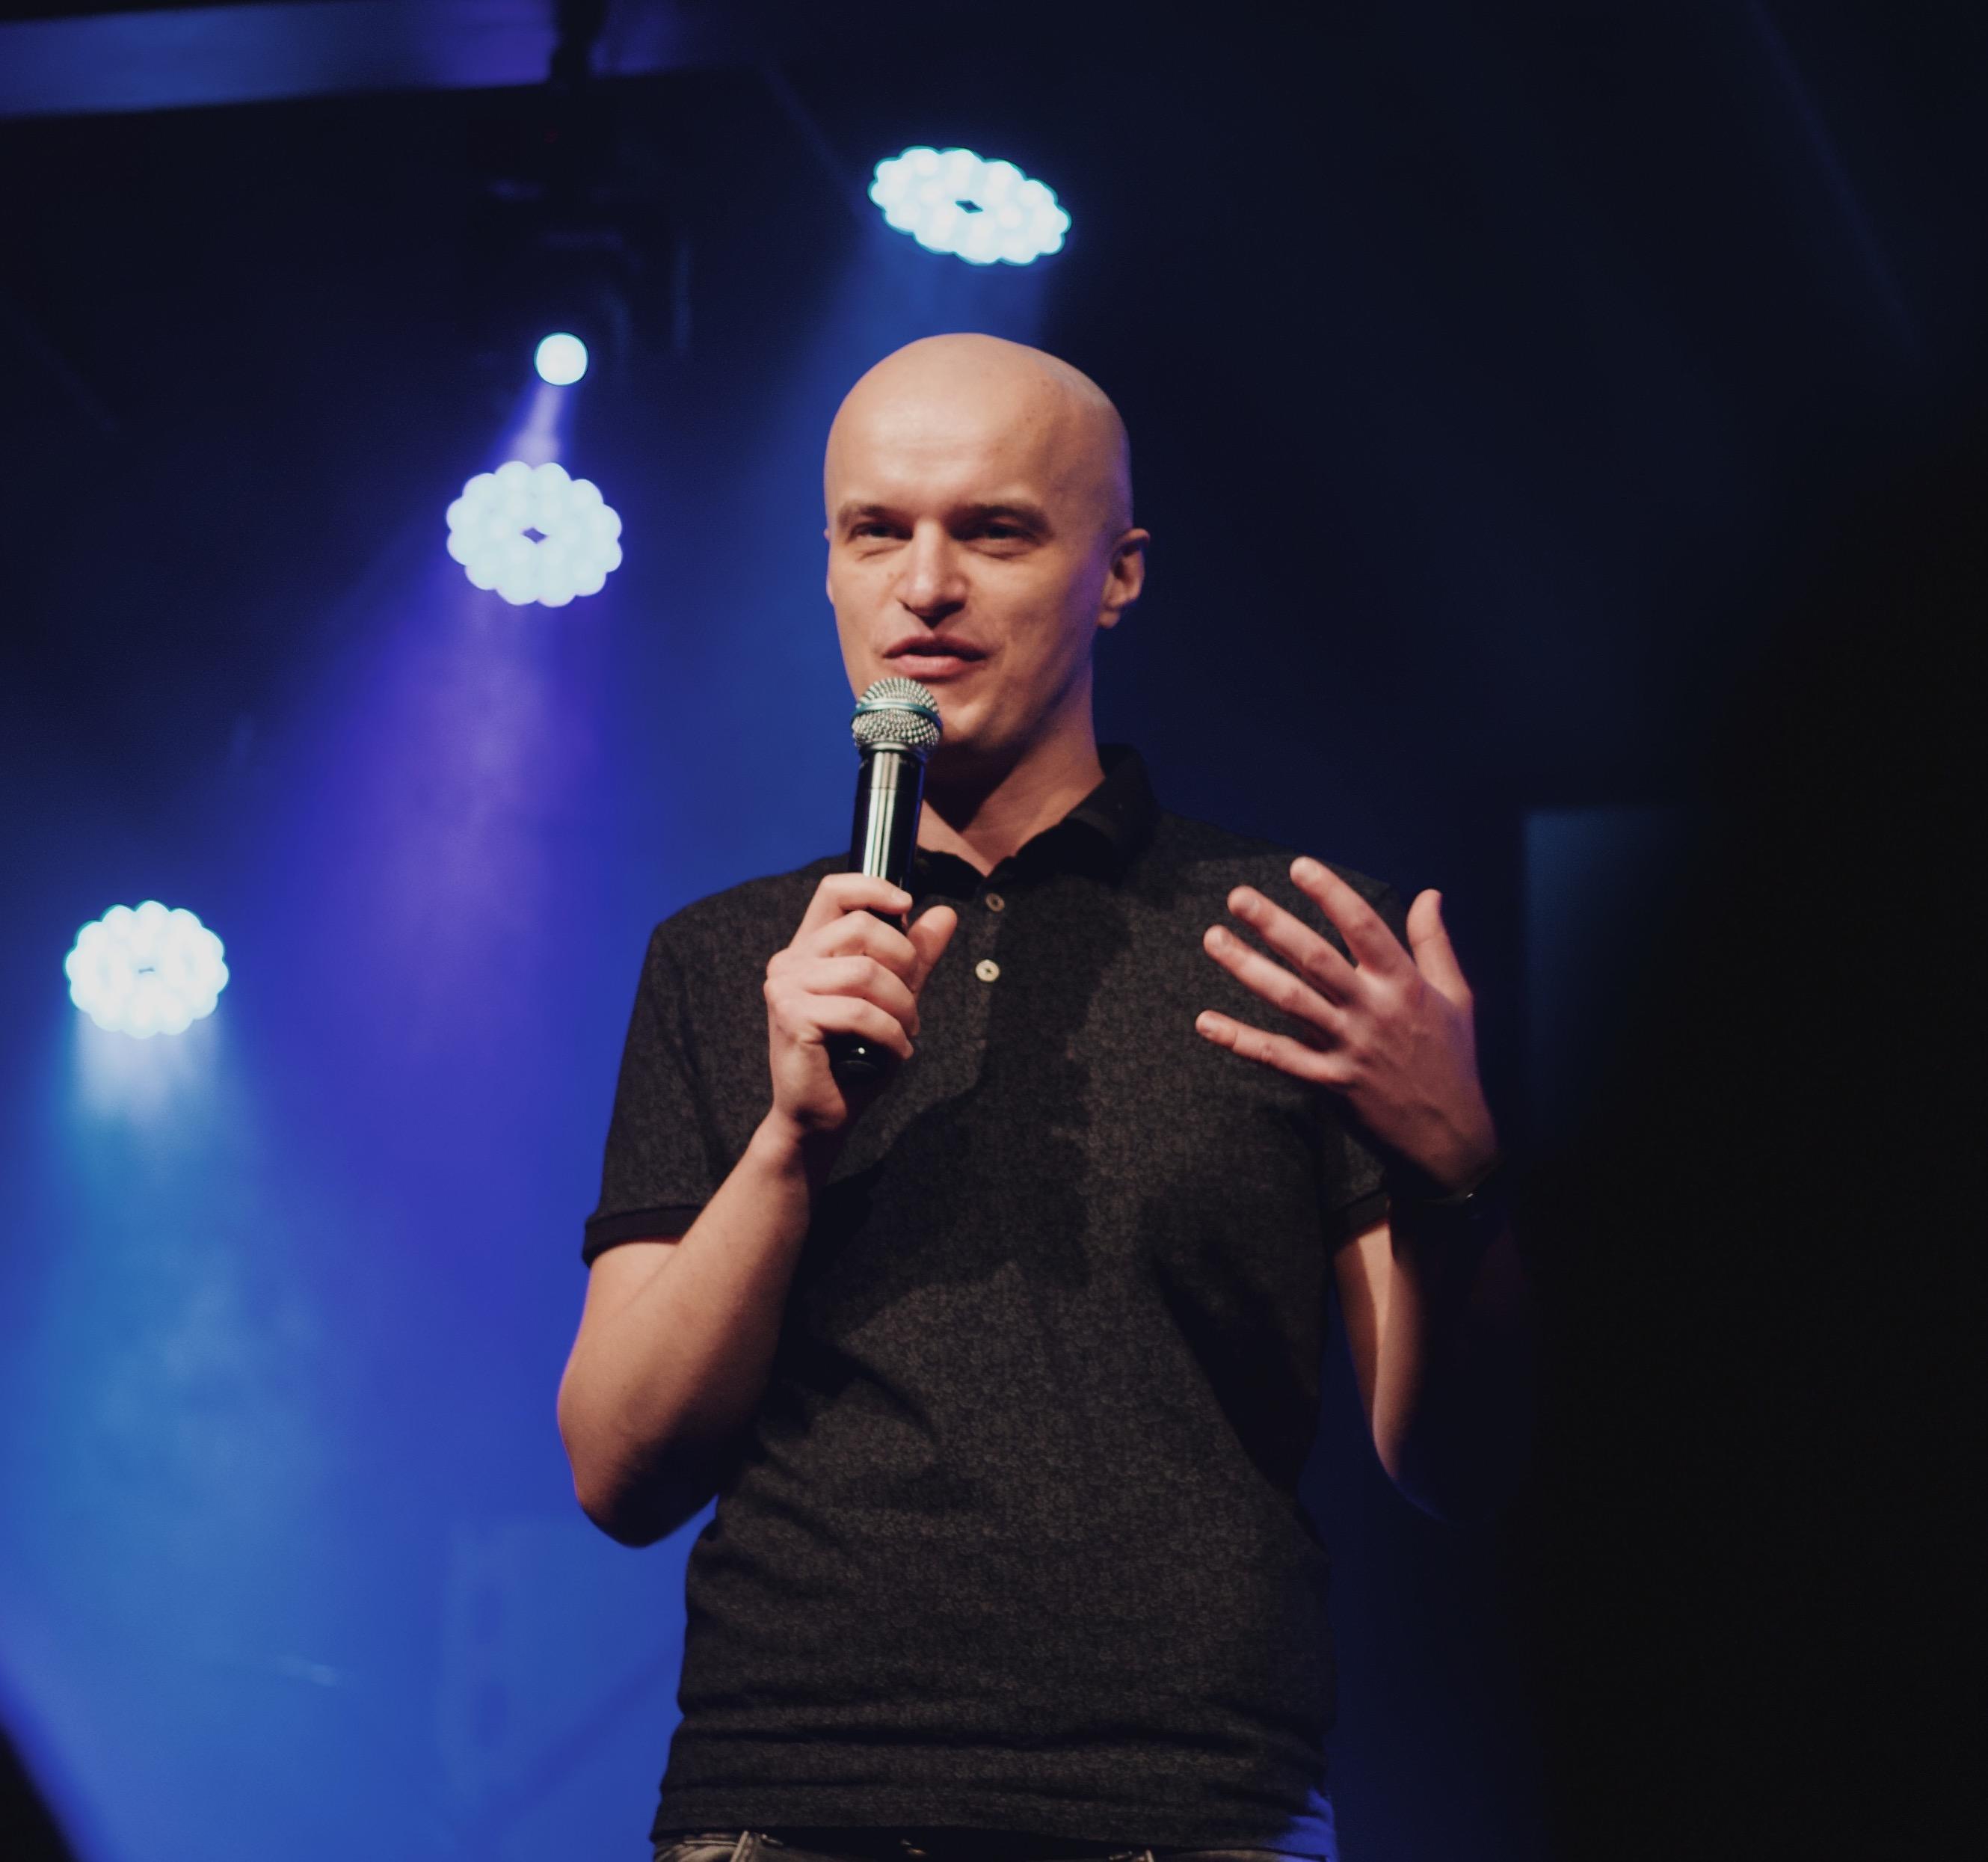 Andrzej Ruszkowski